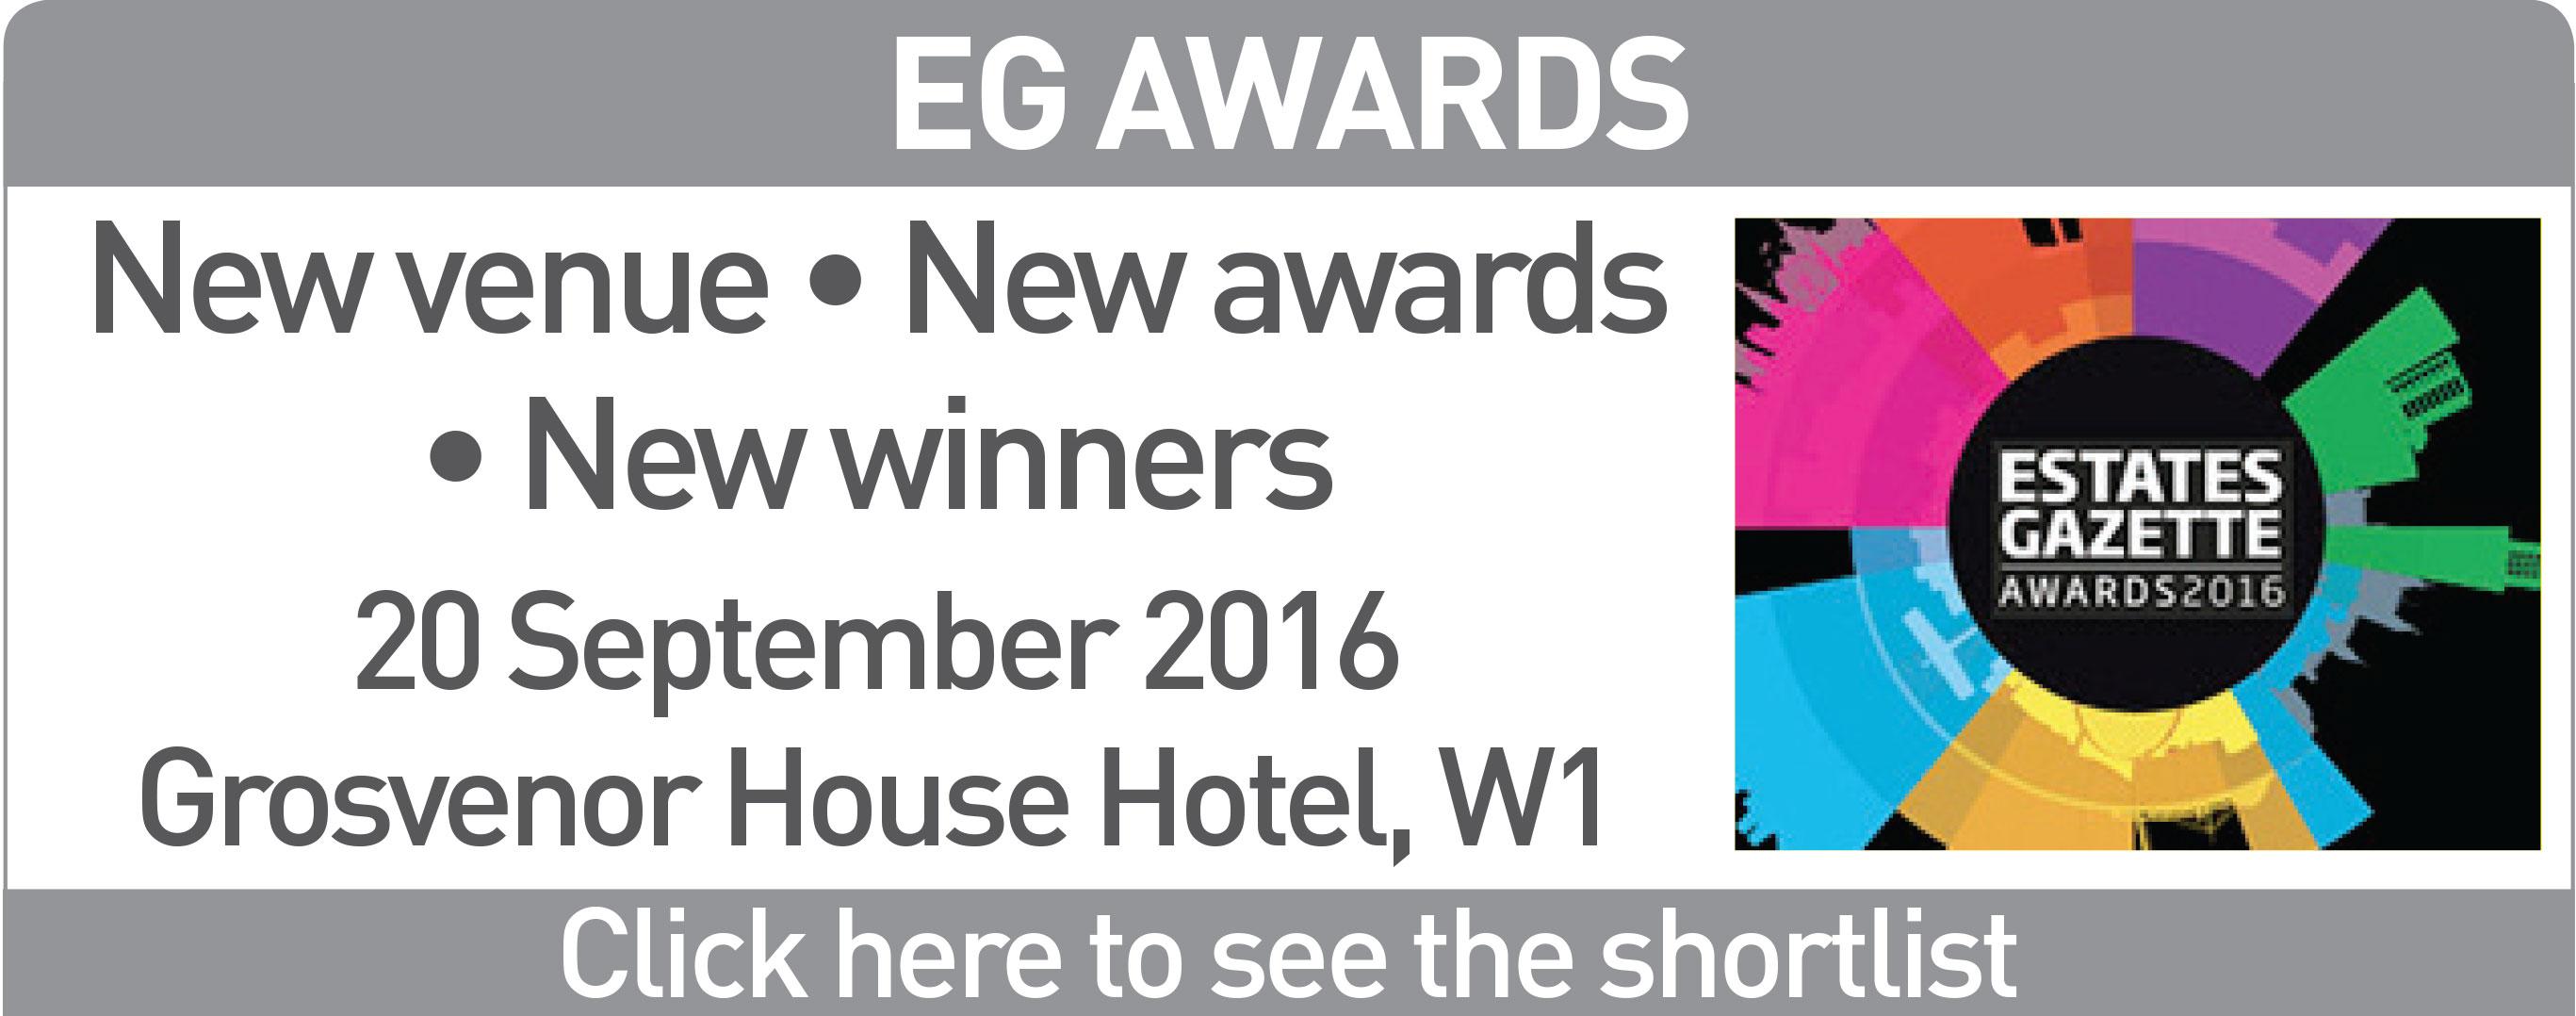 EG Awards